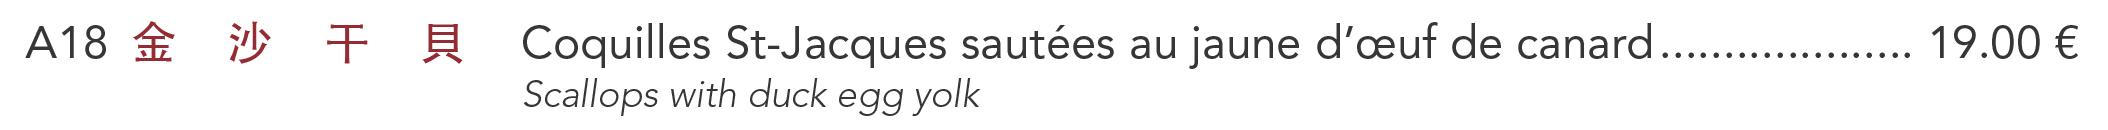 A18 - Coquilles St-Jacques sautées au jaune d'œuf de canard